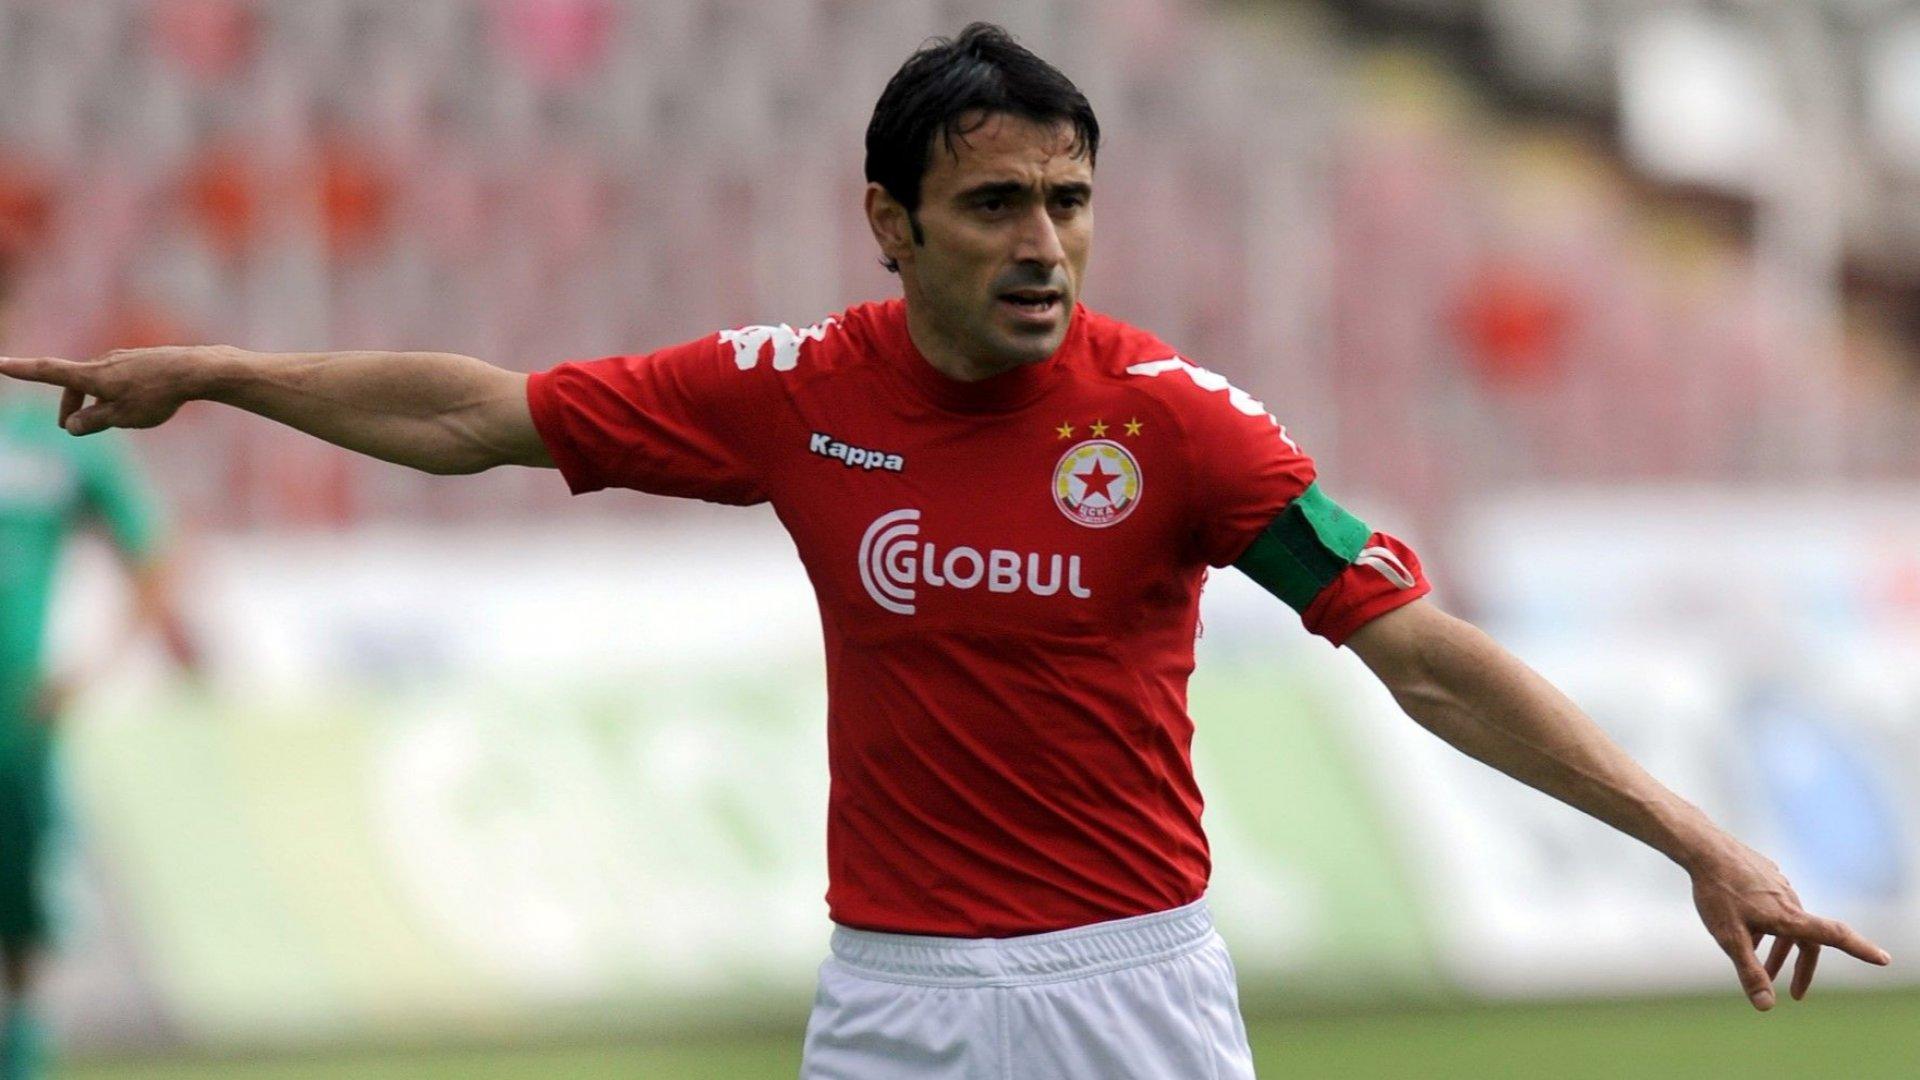 Бившият капитан Тодор Янчев: ЦСКА носи шампионски манталитет и може да елиминира Базел